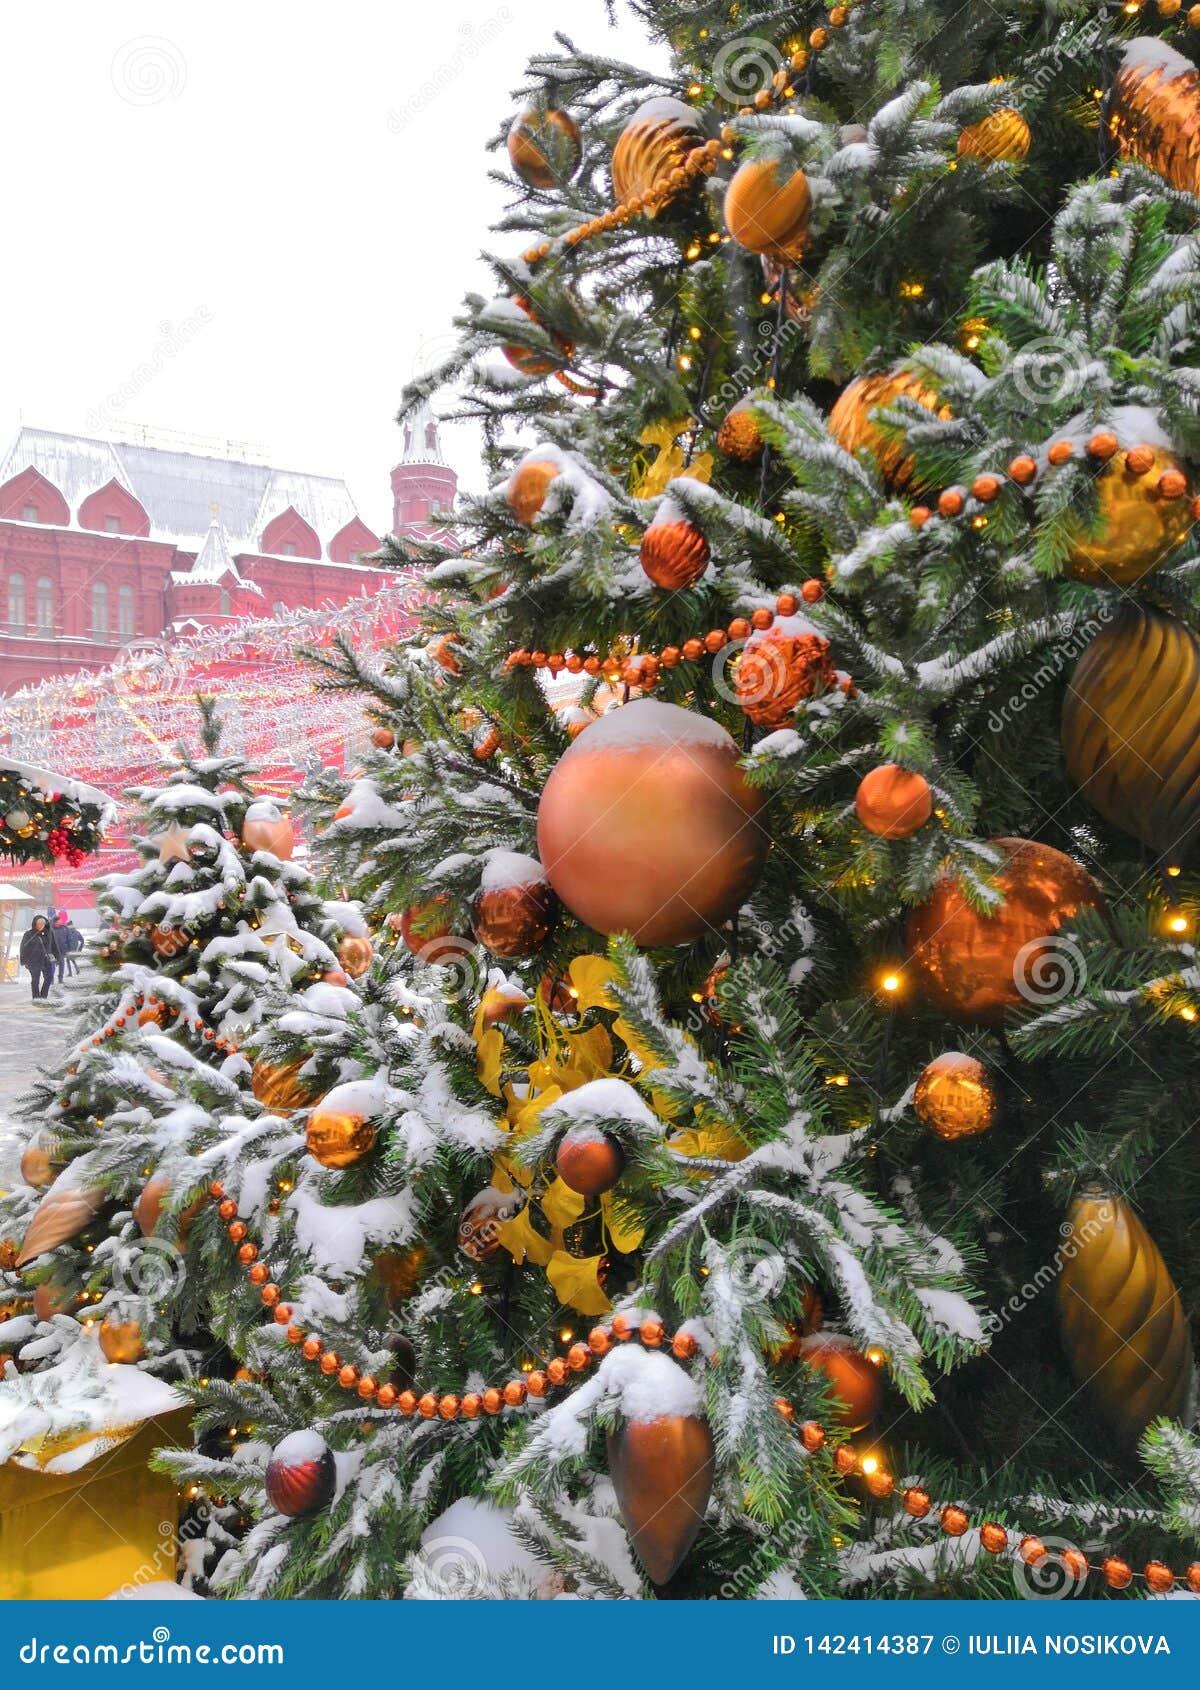 Ökologische, hölzerne Weihnachtsdekorationen